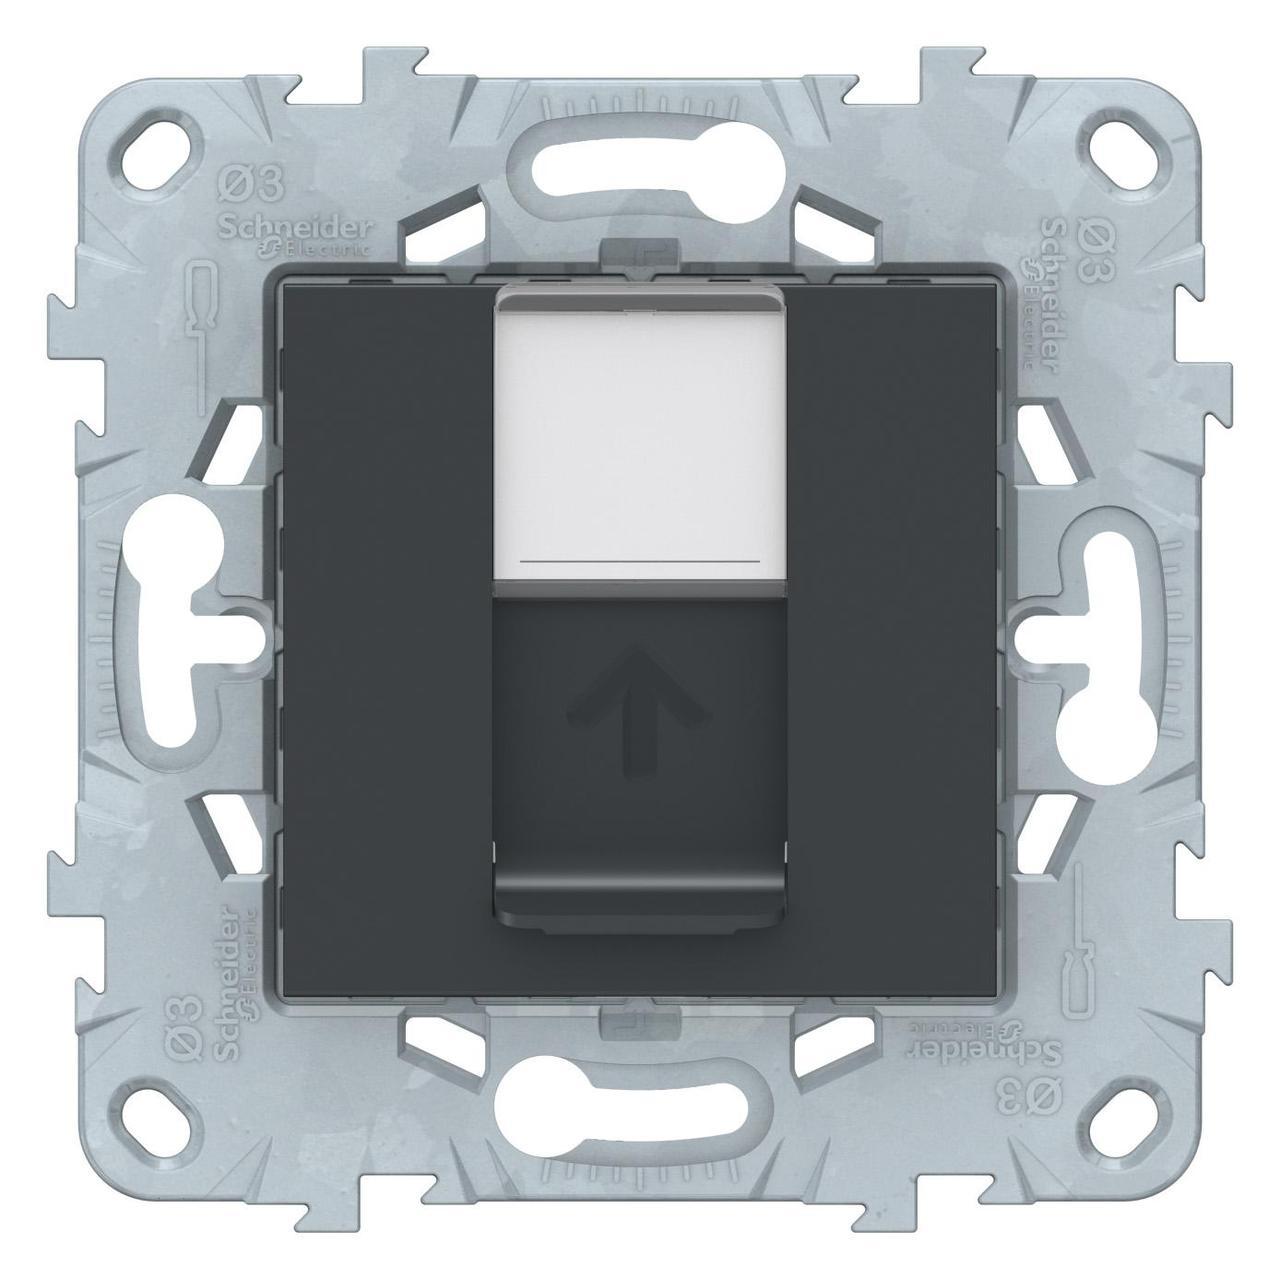 Розетка компьютерная 1-ая кат.5е, RJ-45 (интернет) , Антрацит, серия Unica New, Schneider Electric